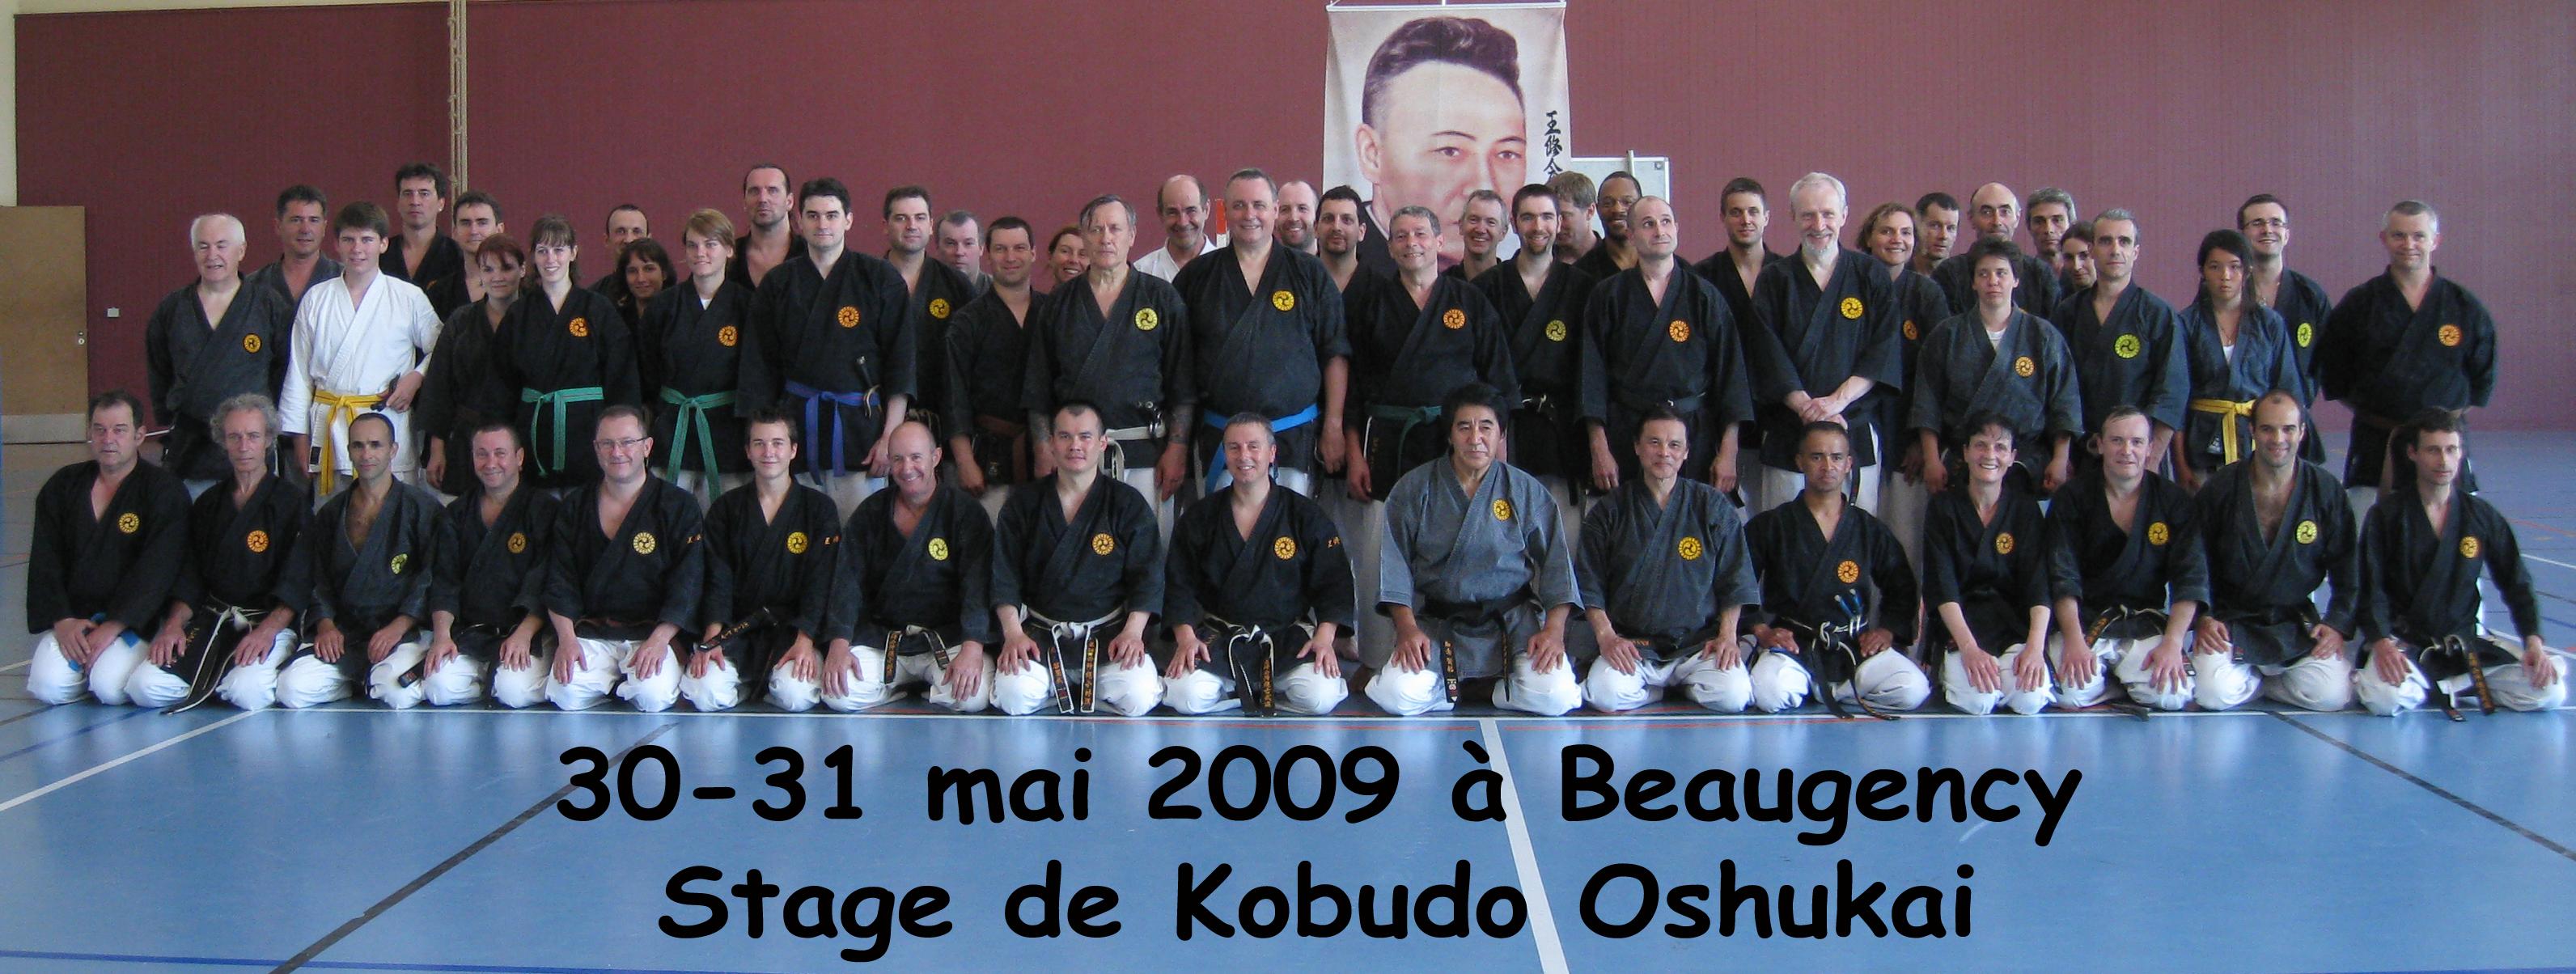 20090530kobudobeaugency.jpg